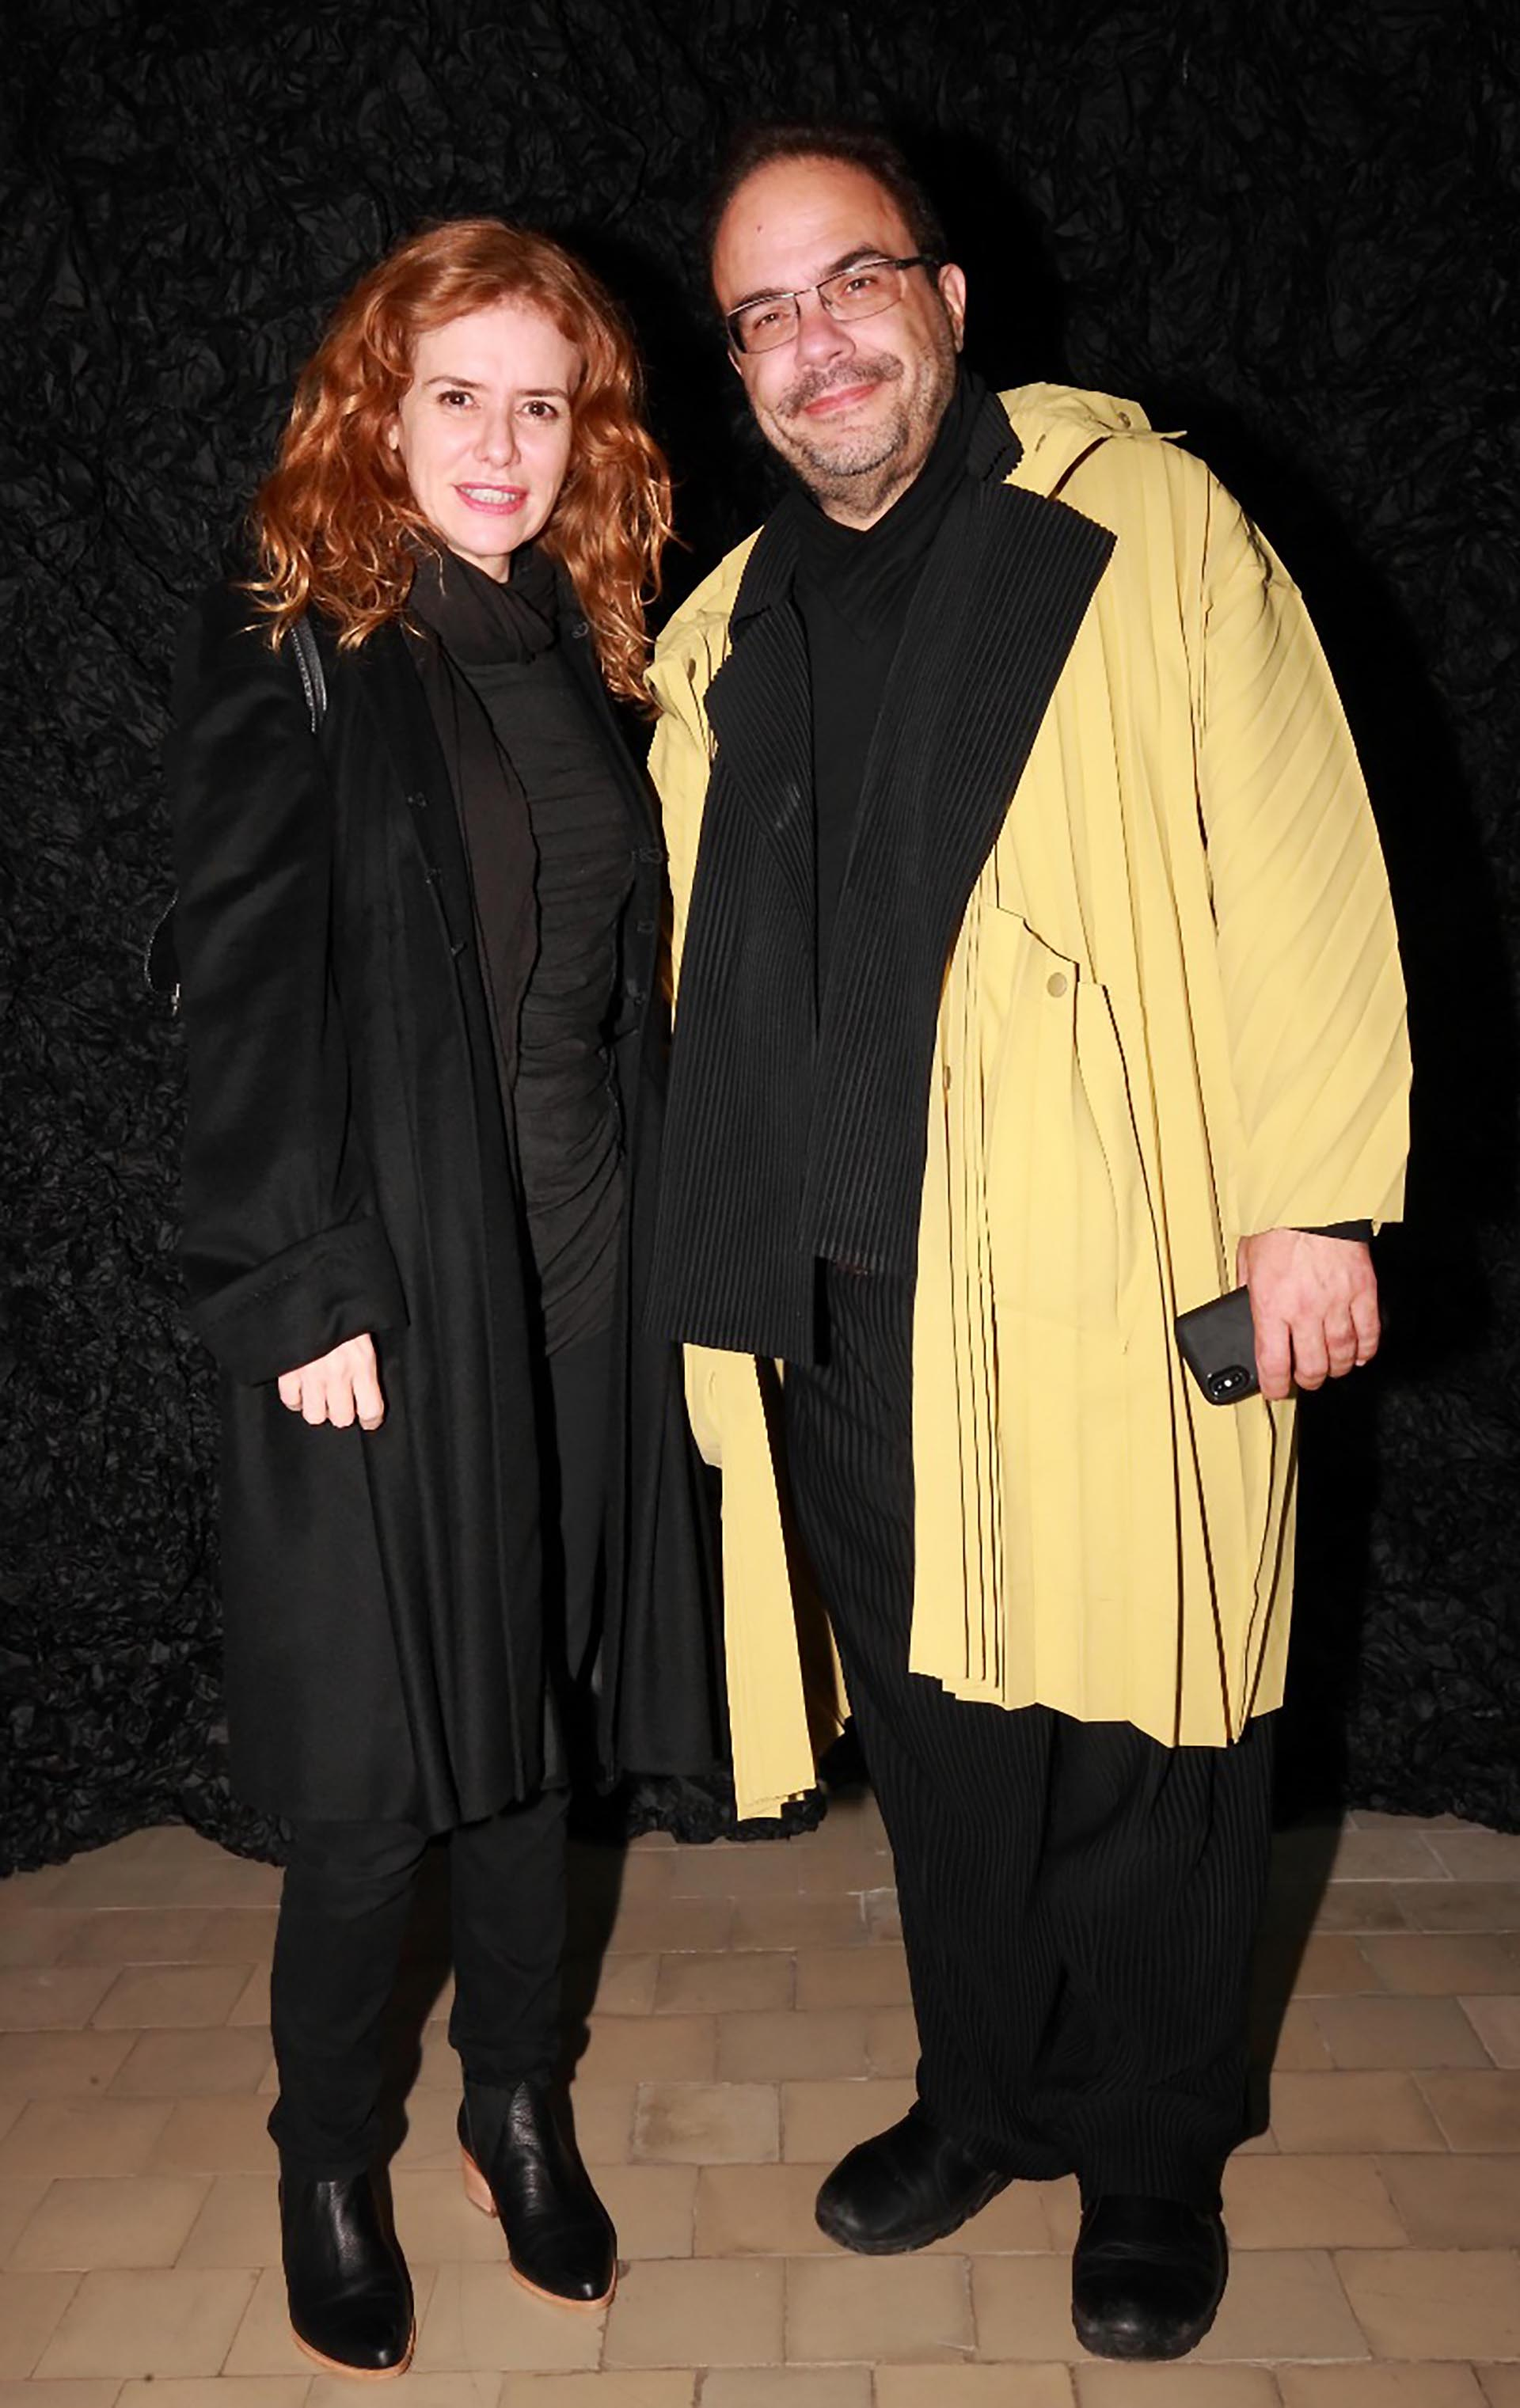 La artista plástica argentina Karina El Azem y el destacado curador brasileño, Marcello Danta.